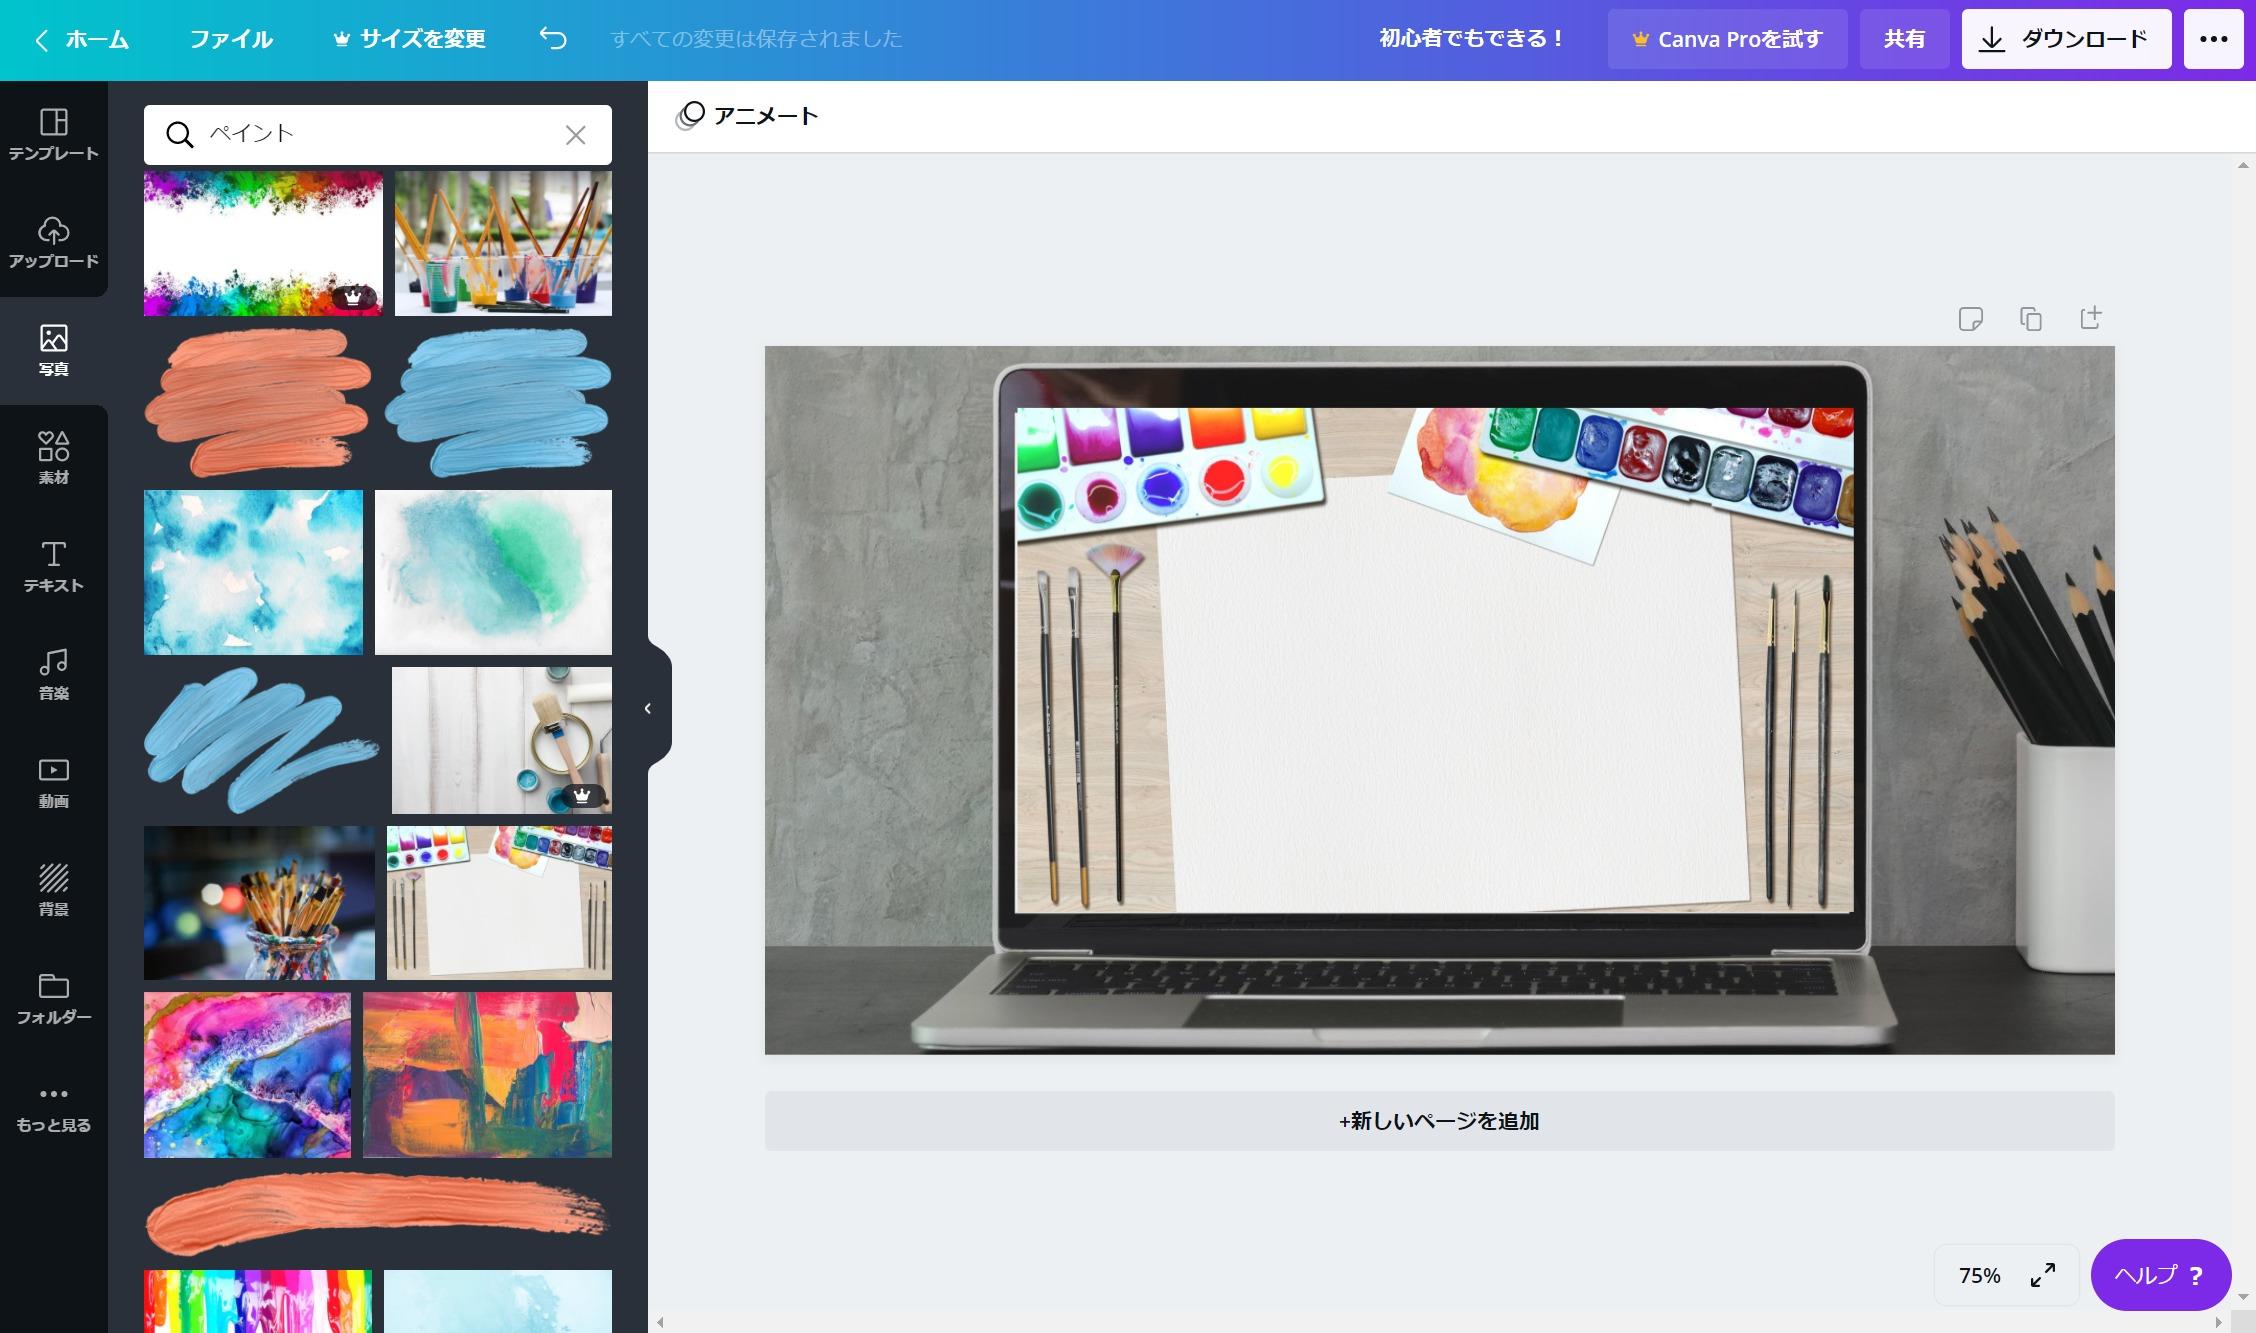 【ブログ初心者】-アイキャッチ画像の作り方1-8.jpg